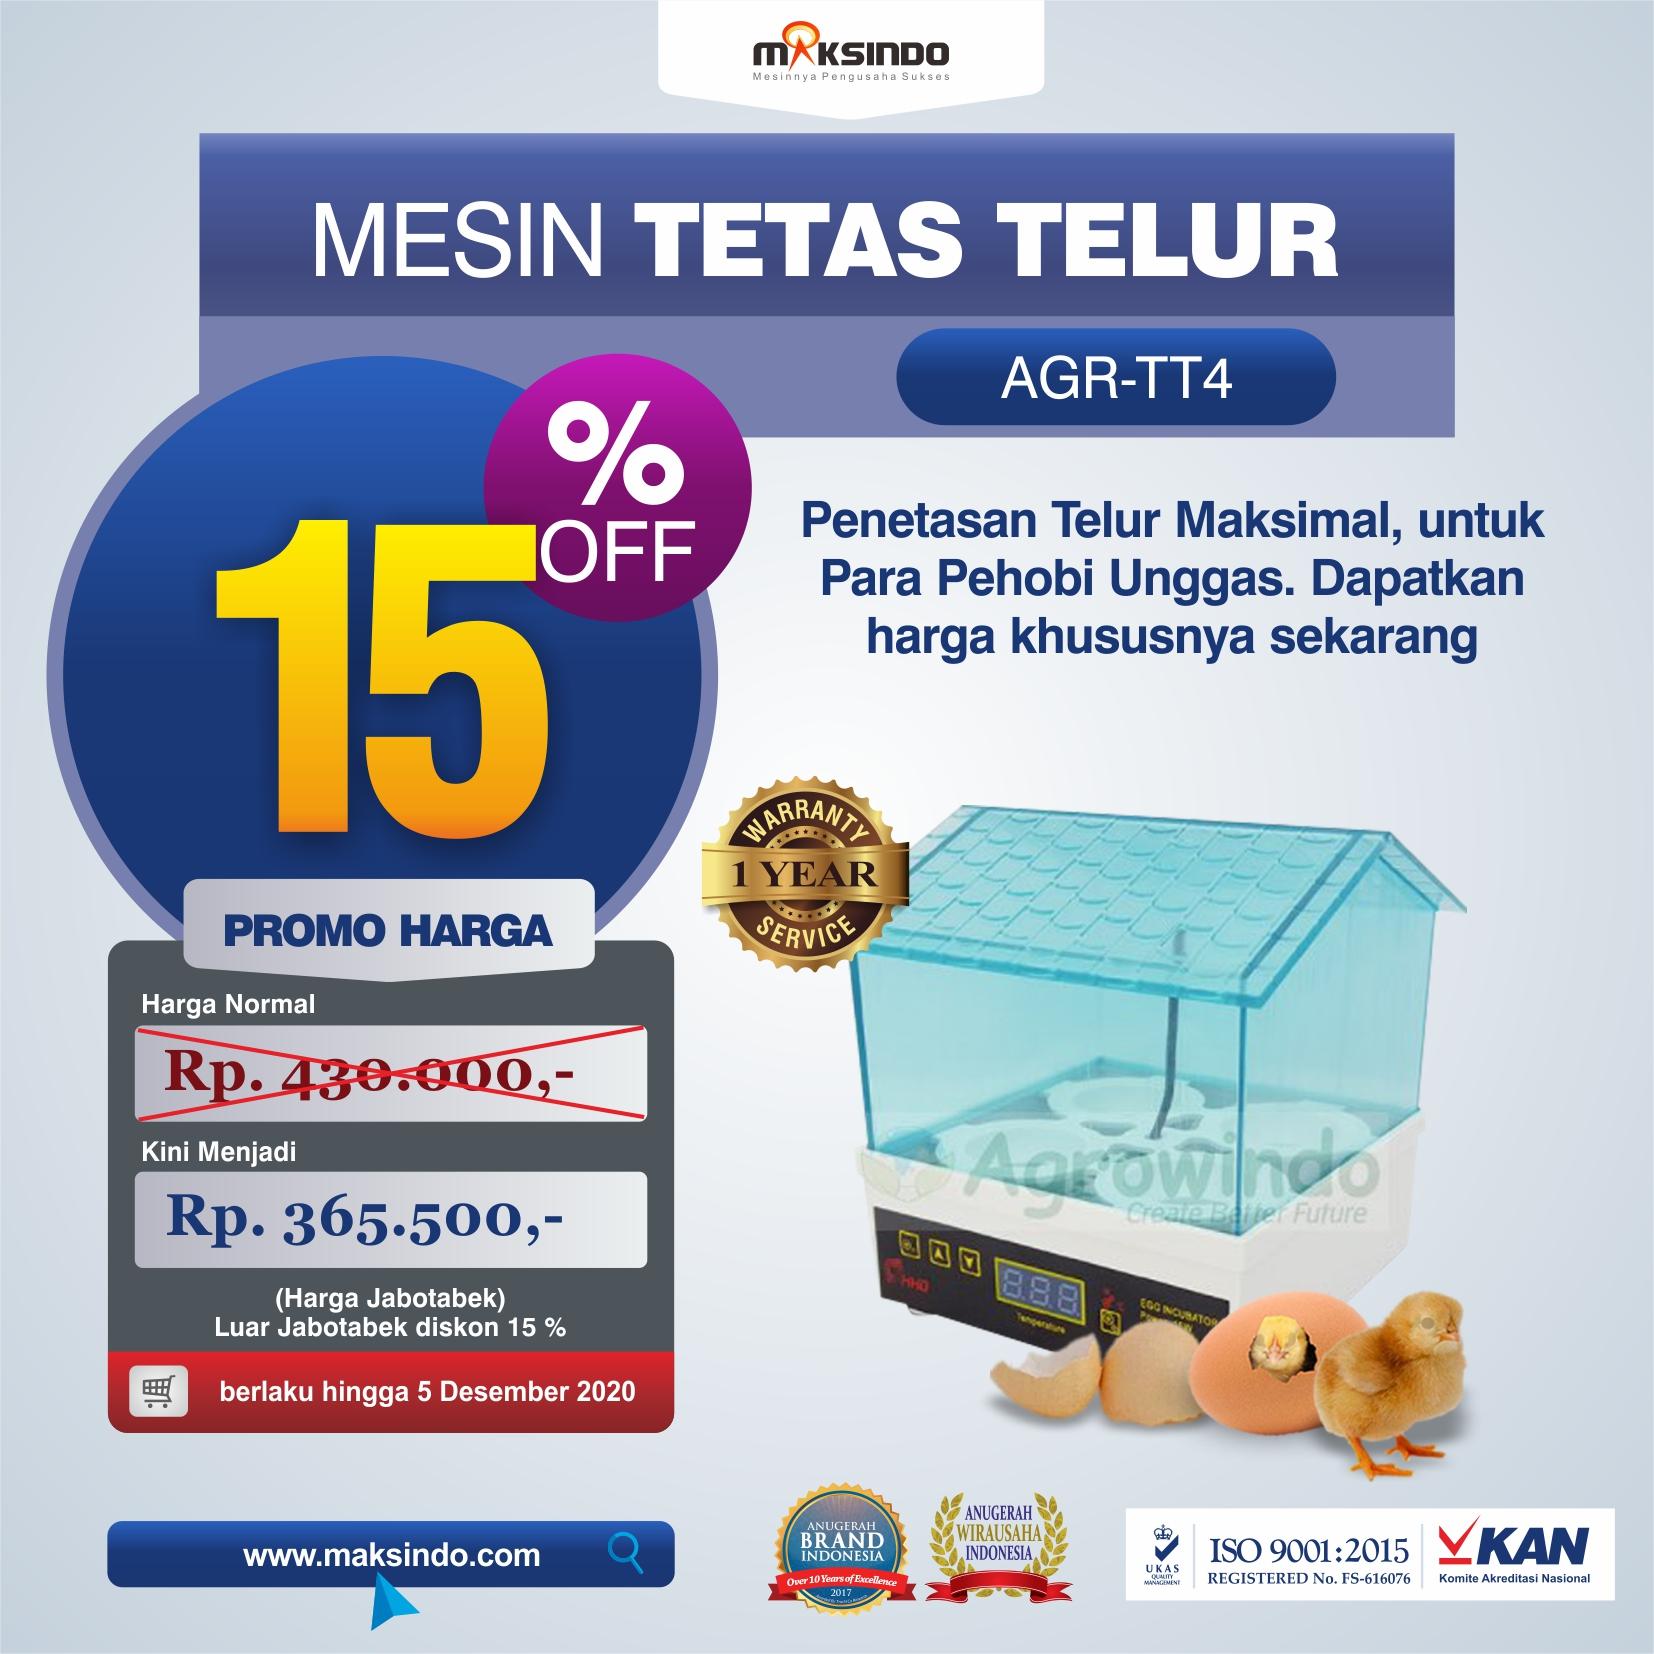 Jual Tetas Telur Mini 4 Butir (AGR-TT4) di Tangerang